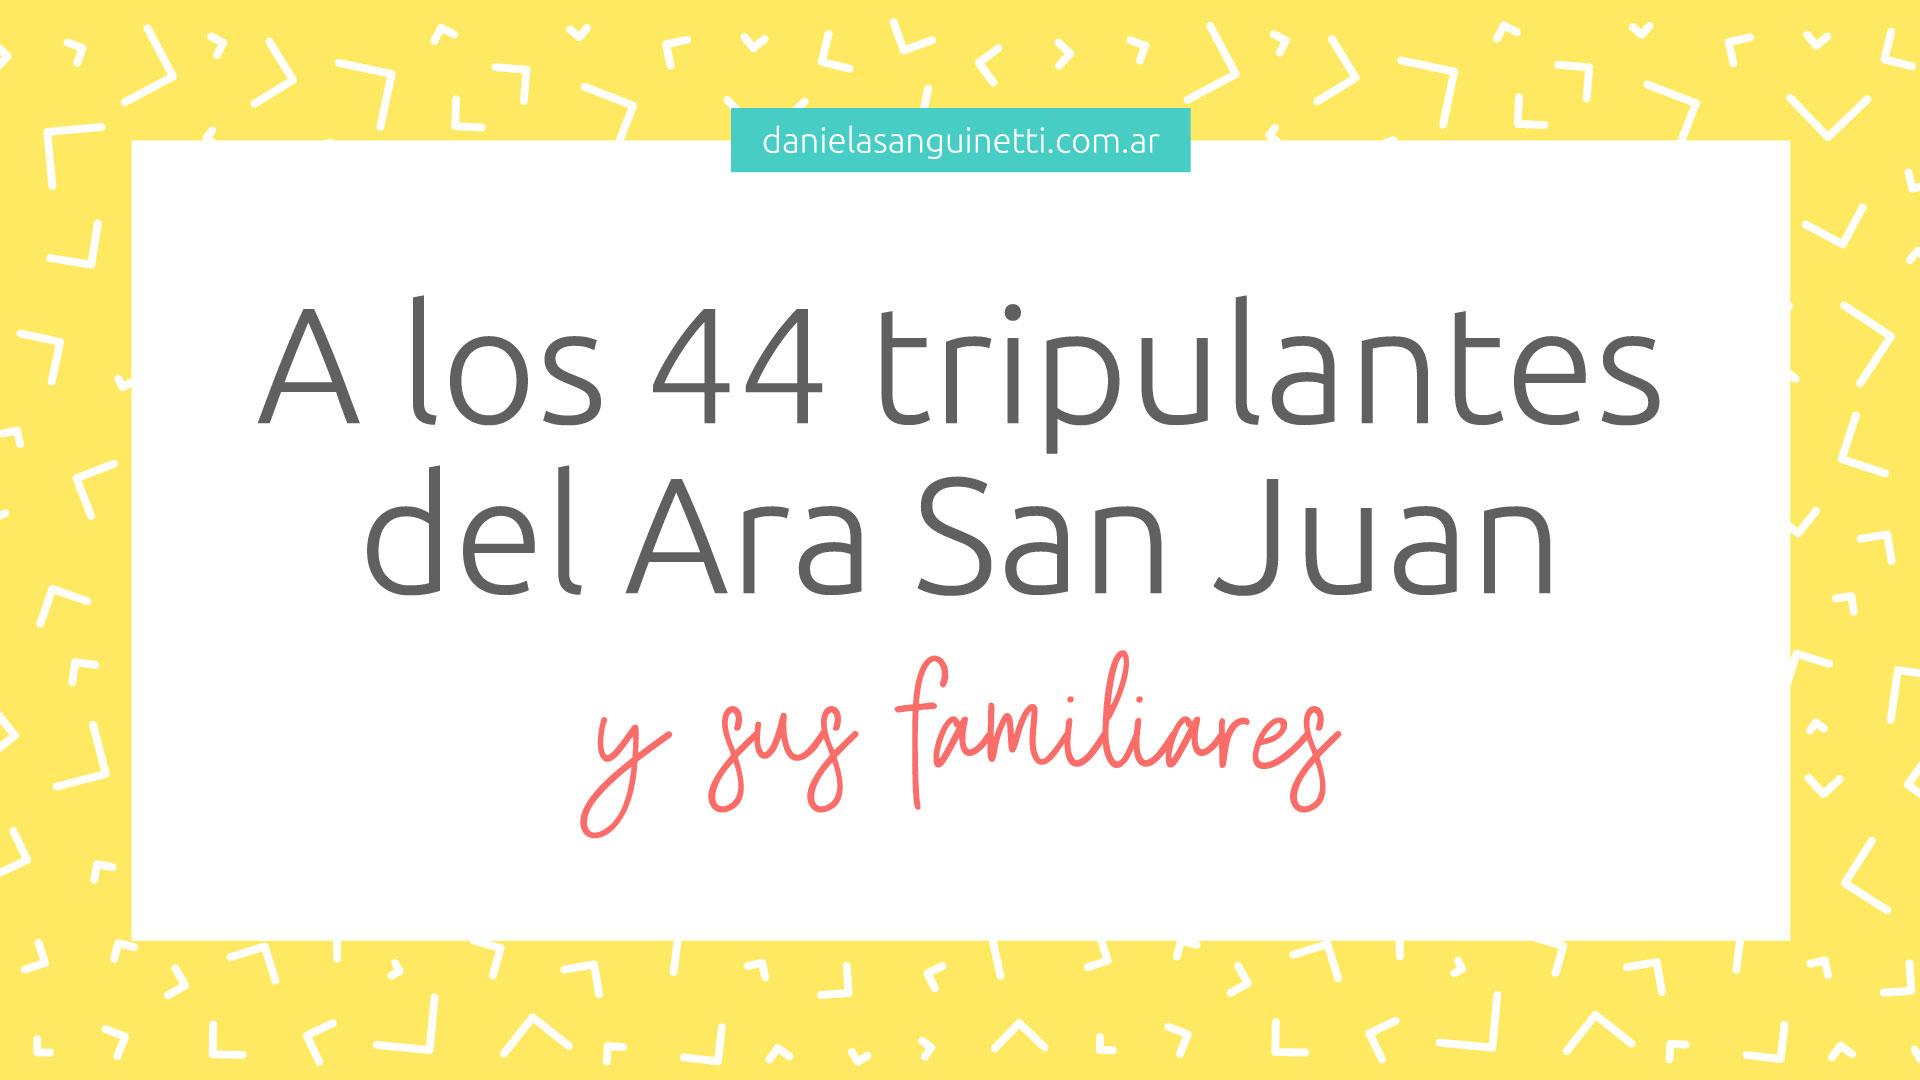 A los 44 tripulantes del Ara San Juan y sus familiares